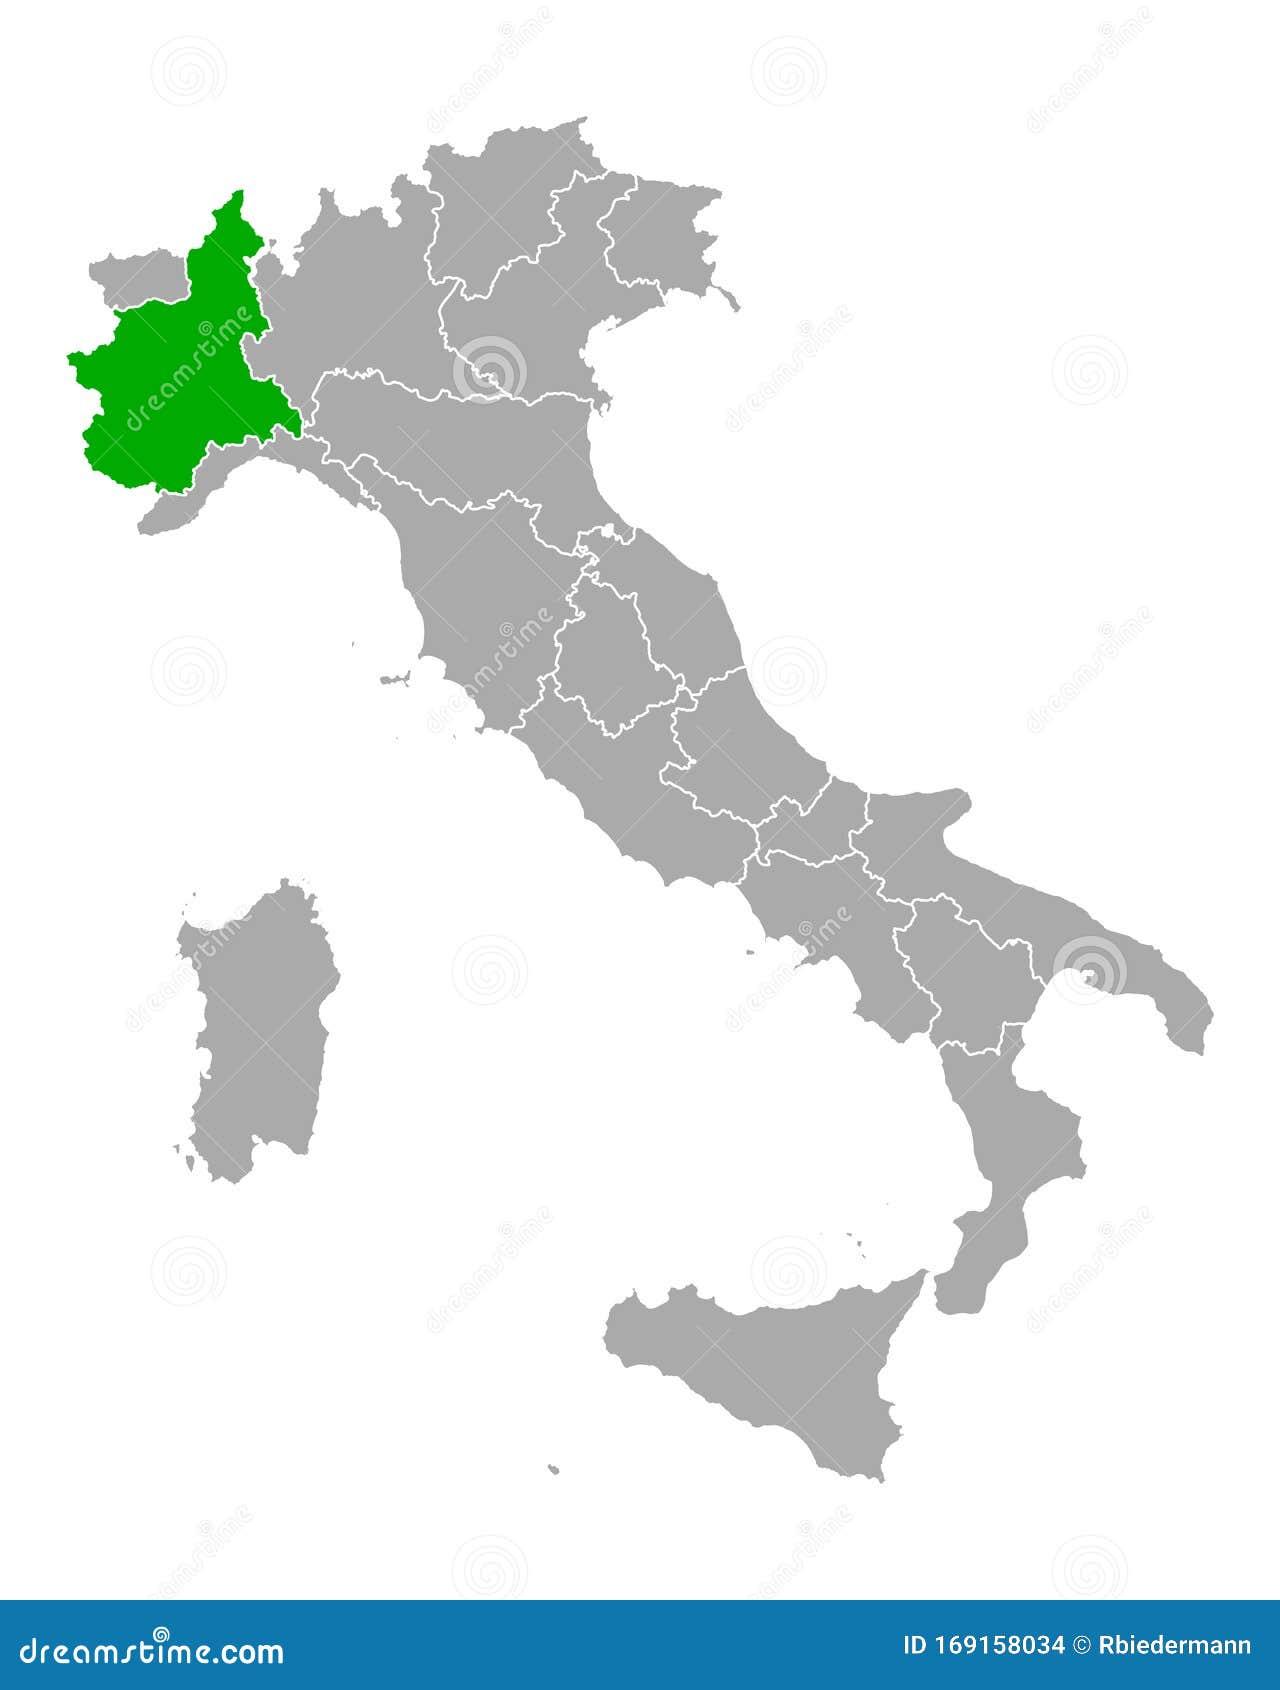 La Cartina Del Piemonte.Mappa Del Piemonte In Italia Illustrazione Vettoriale Illustrazione Di Vettore Programma 169158034